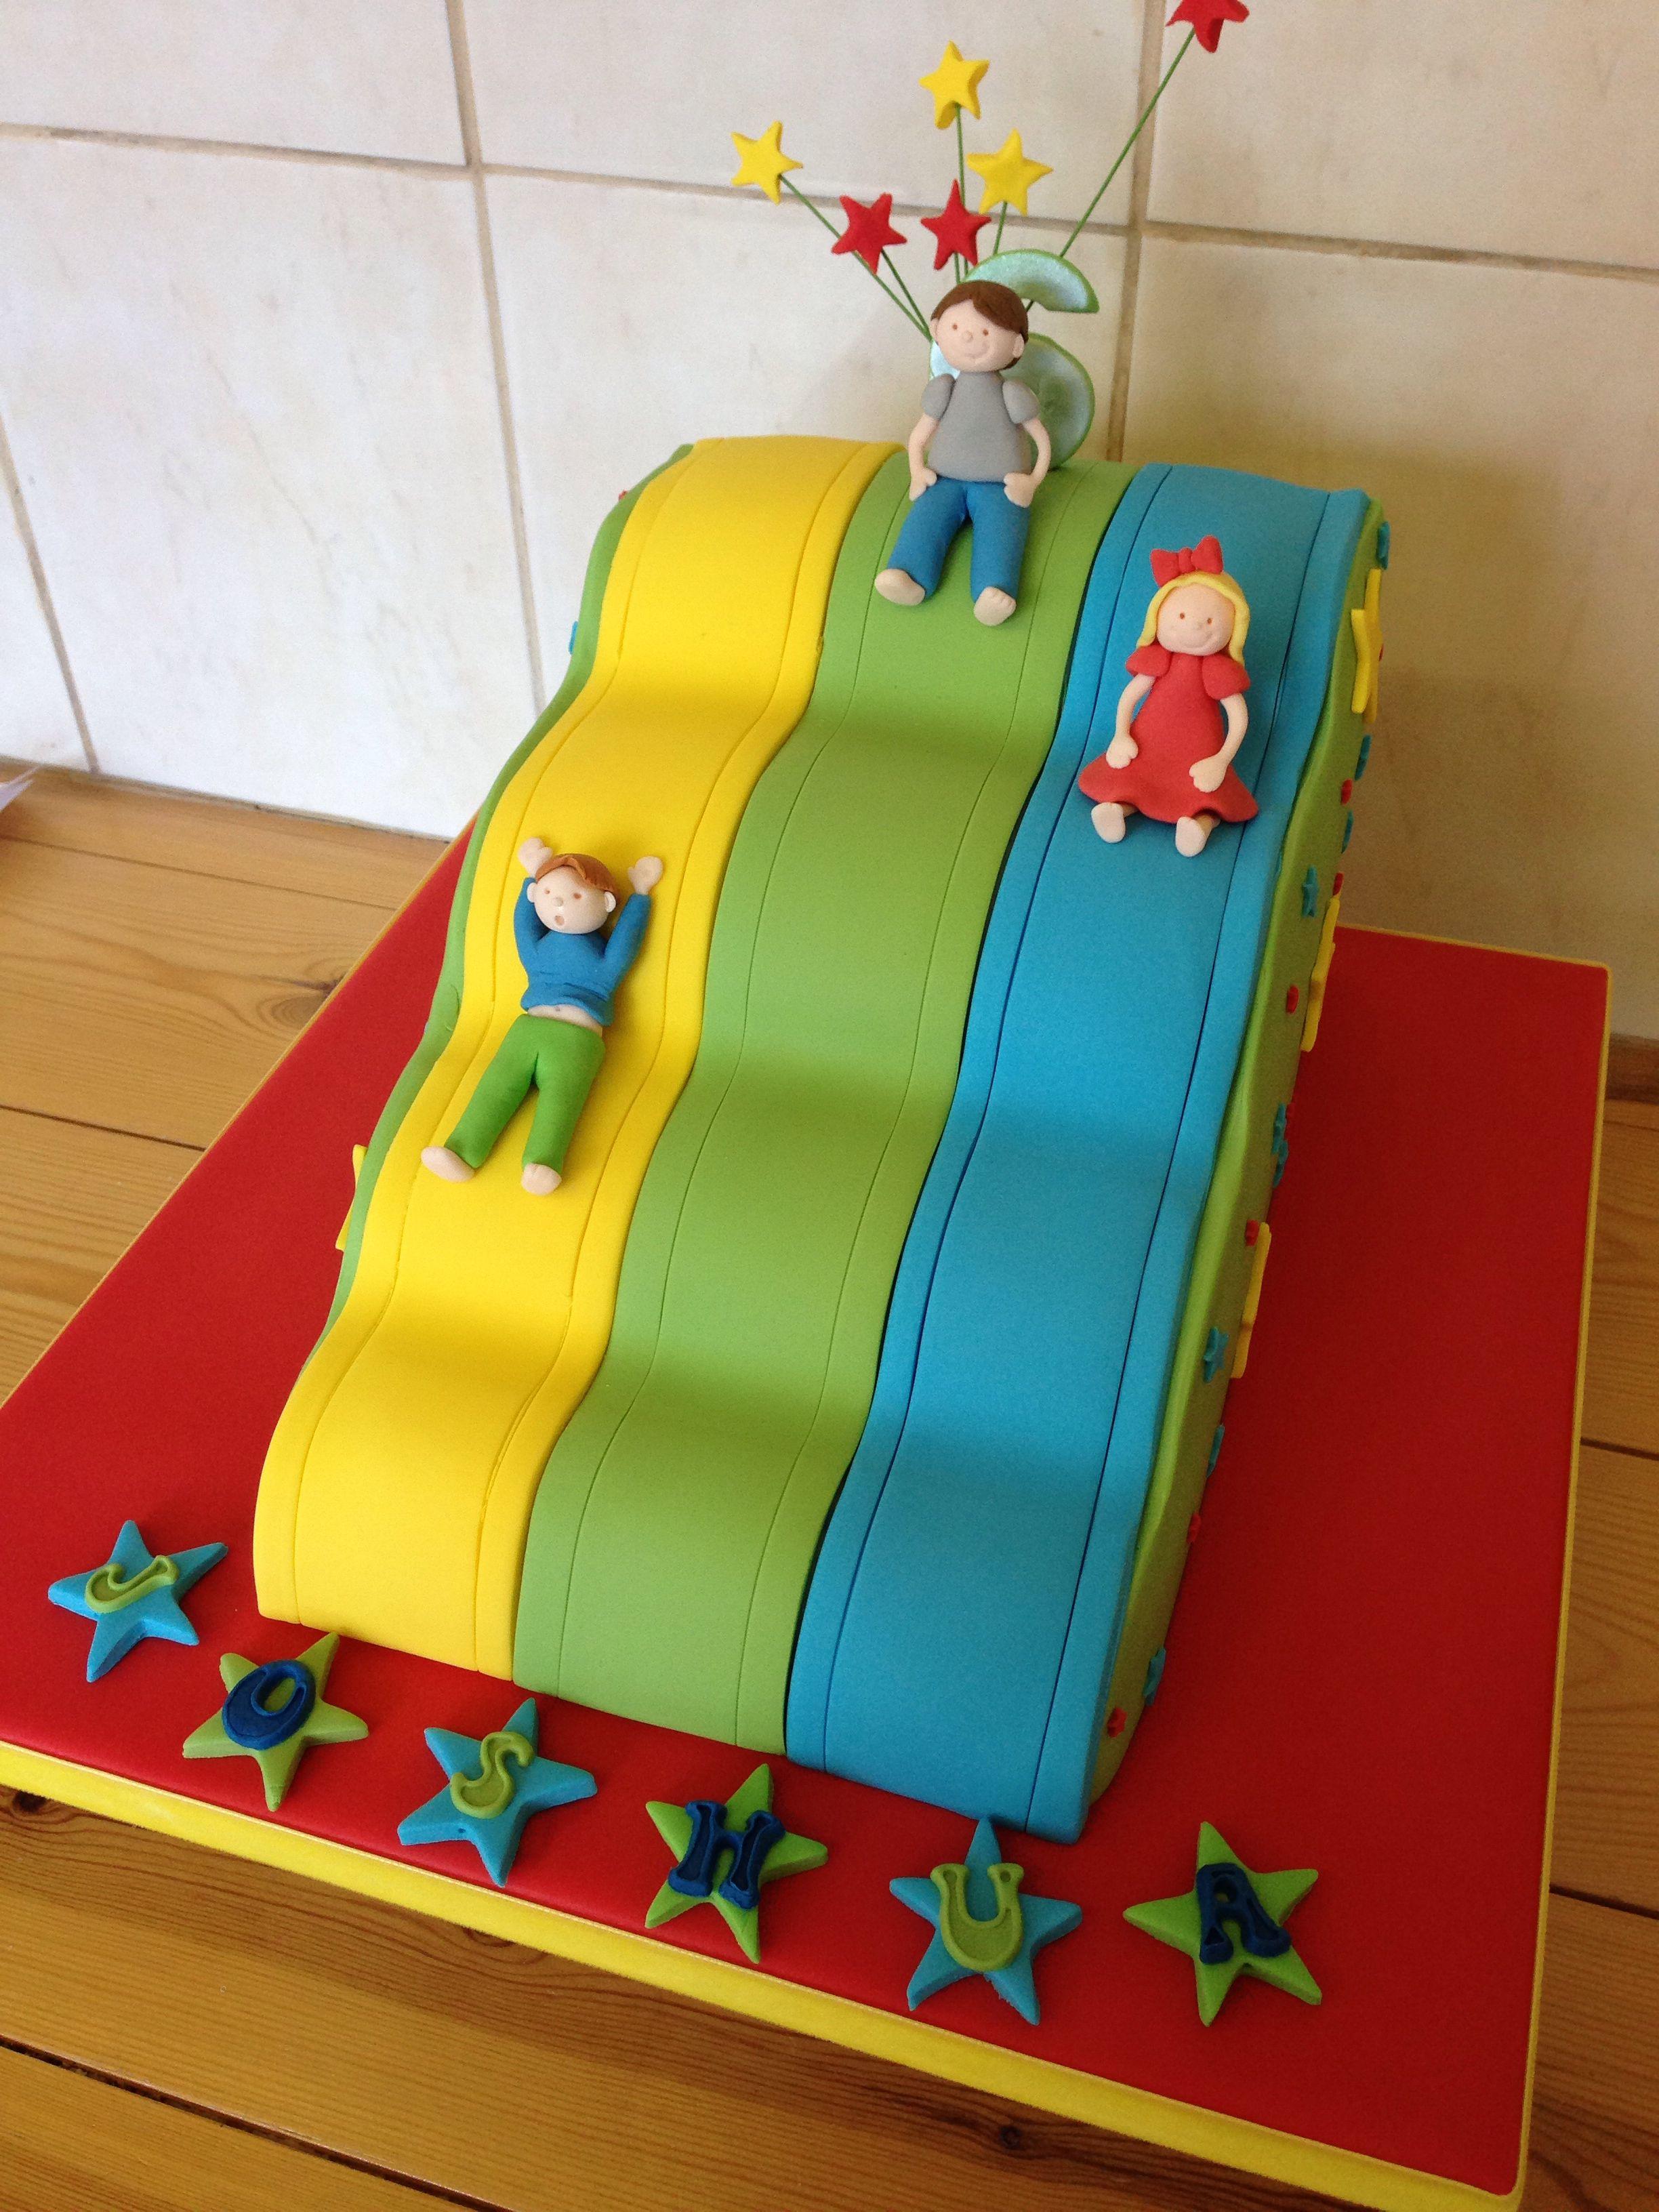 Groovy Childrens Novelty Slide Cake Castle Birthday Cakes Kids Cake Personalised Birthday Cards Veneteletsinfo